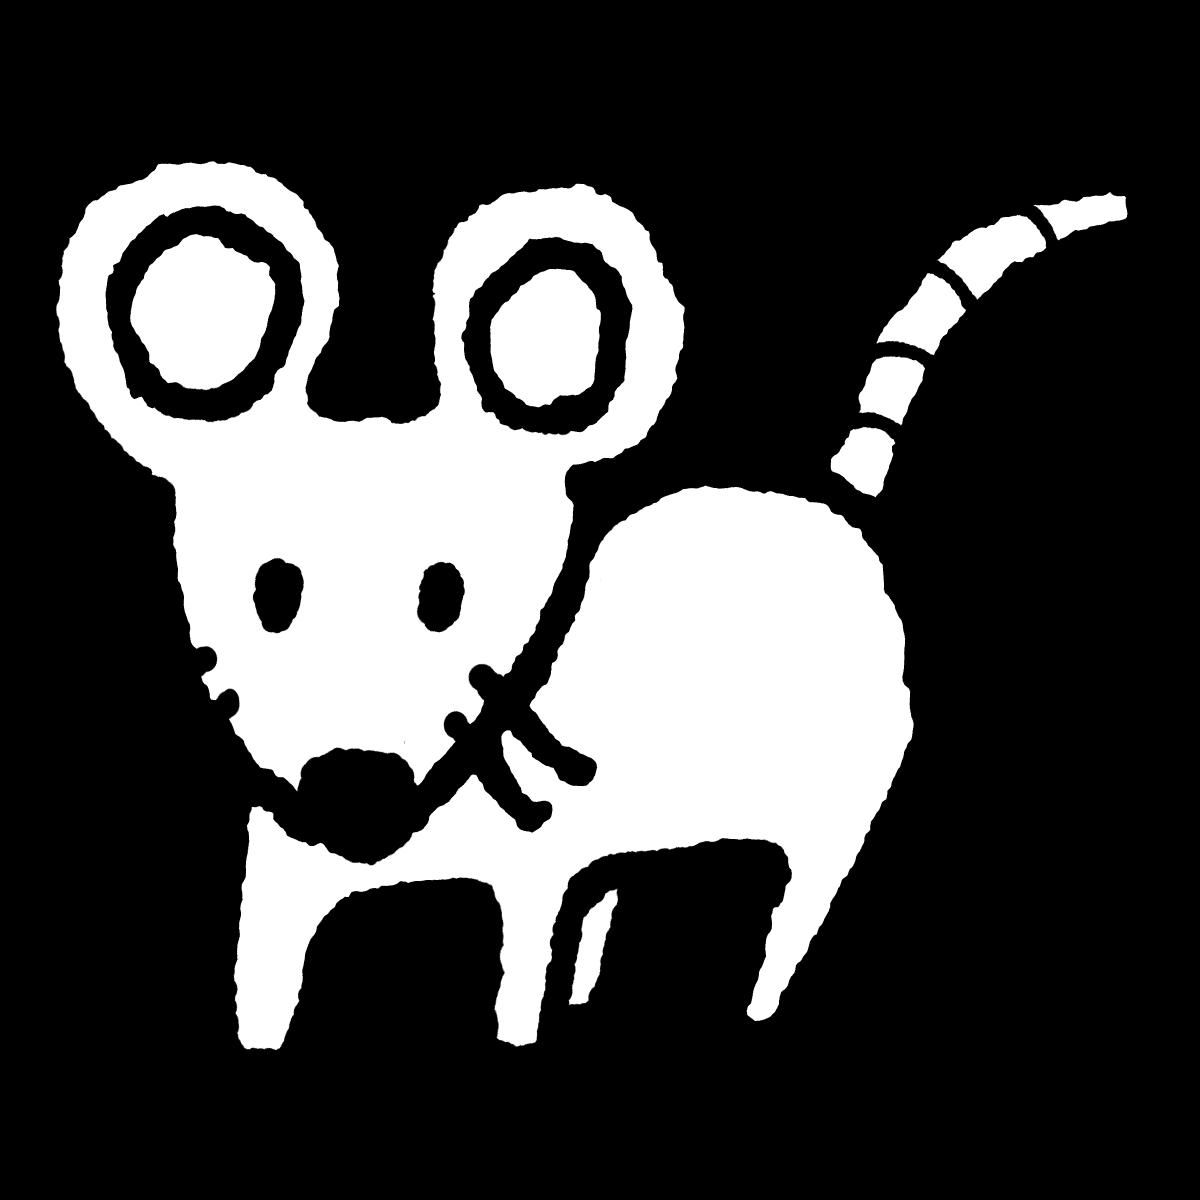 立つネズミ1のイラスト / Standing mouse 1 Illustration